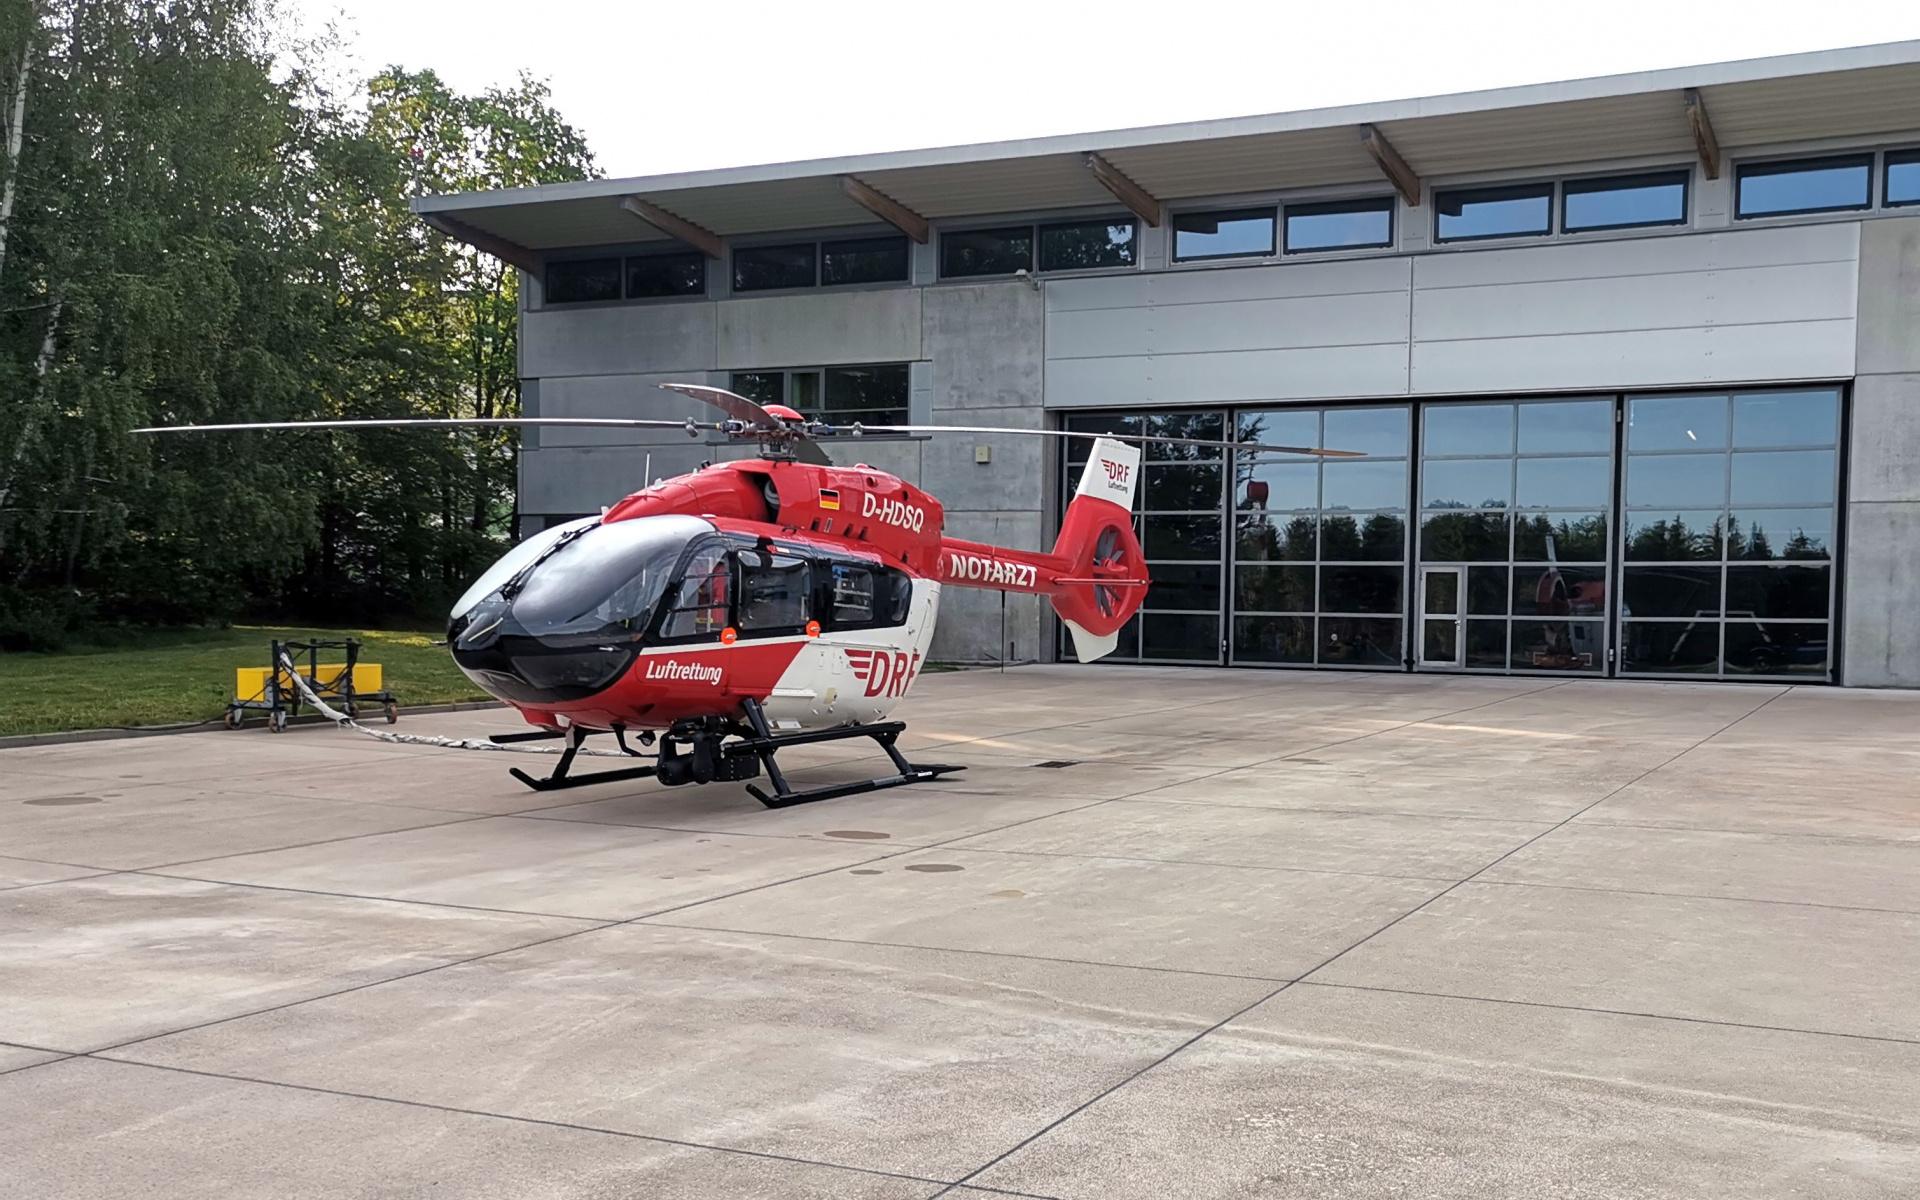 Seit gestern Abend fliegt die Besatzung in Bad Berka mit einer hochmodernen H 145 zu ihren Einsätzen.